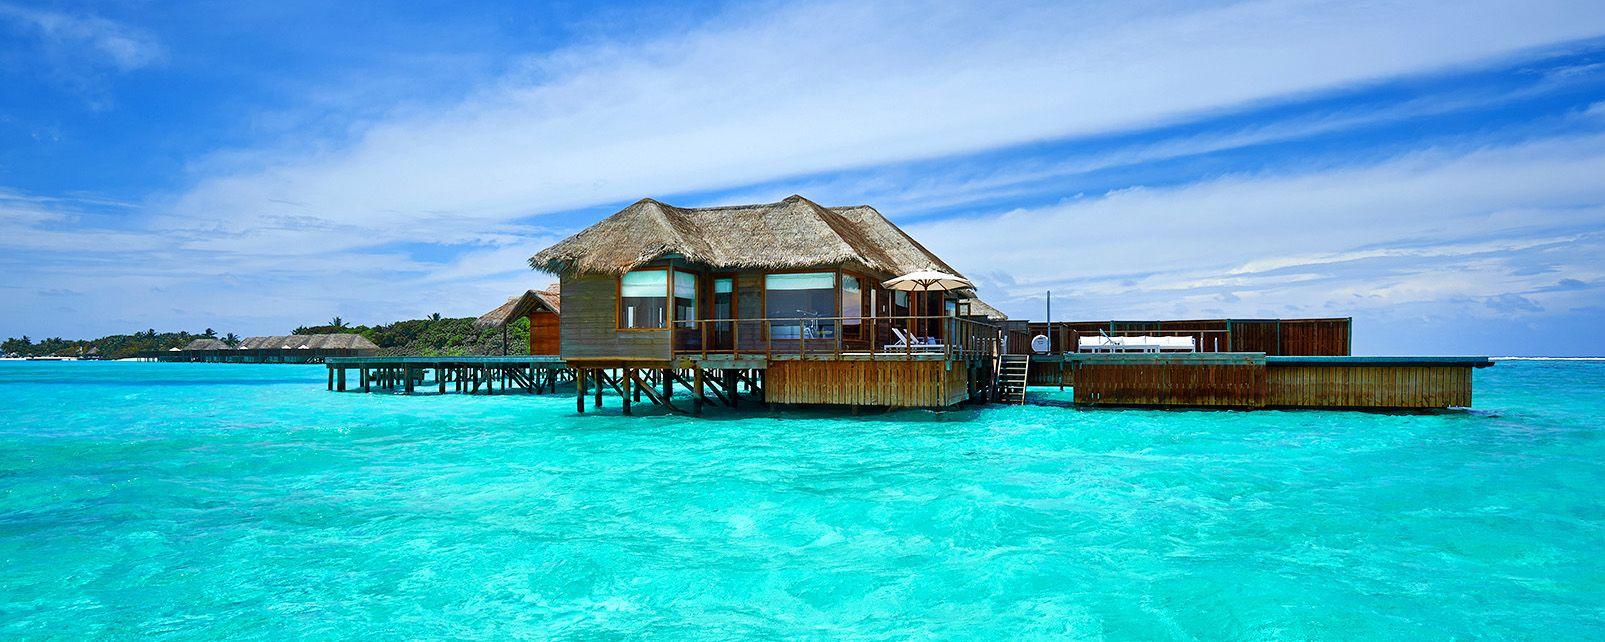 Hotel conrad maldives rangali island in south ari atoll for Hotel conrad maldivas islas rangali